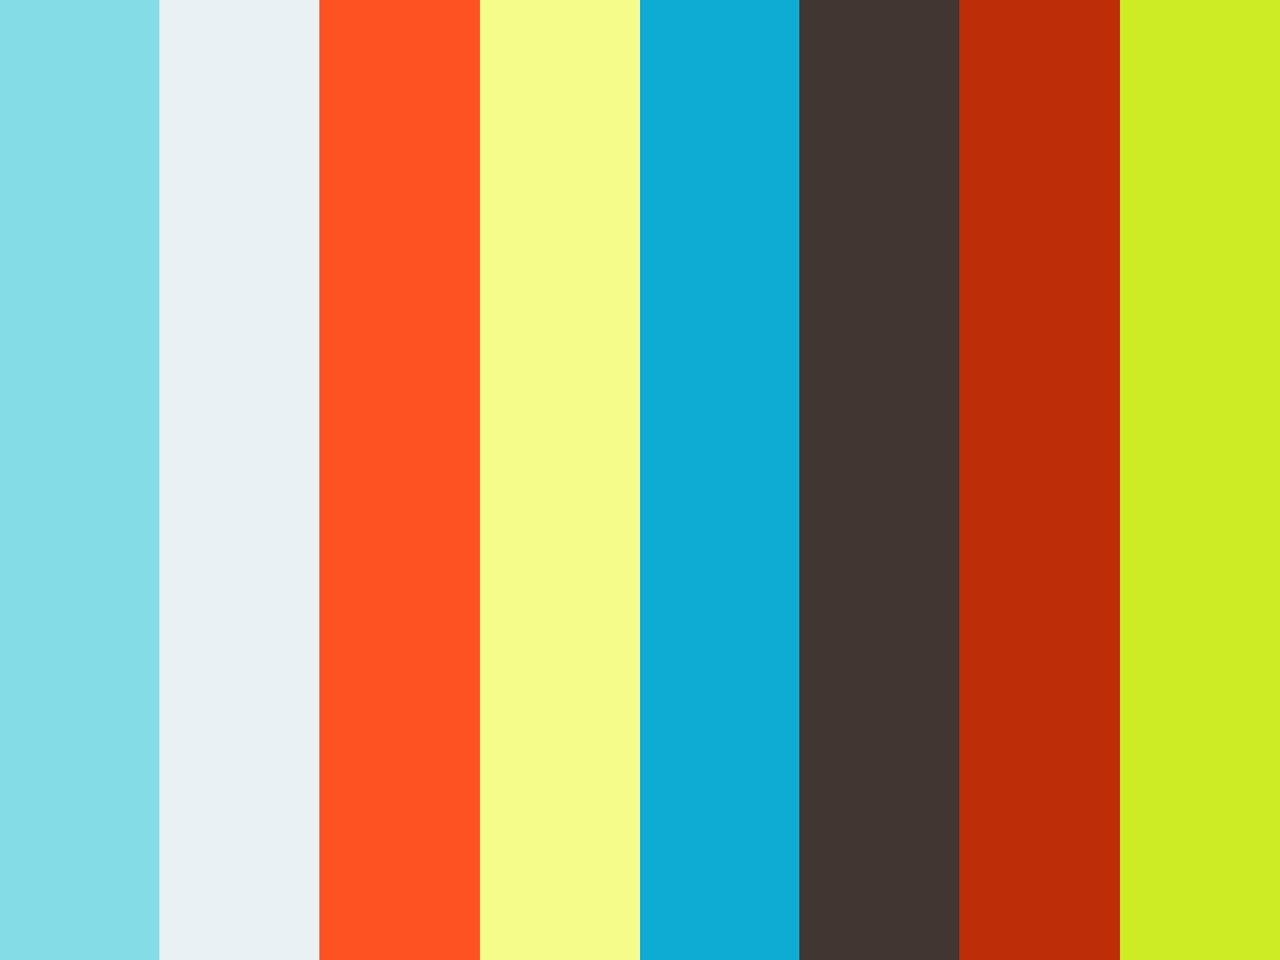 """2부예배 헌금송  """"어머니의 마음/언제나 바라봐도"""" 김진숙권사외 4명 (05/14/2017)"""